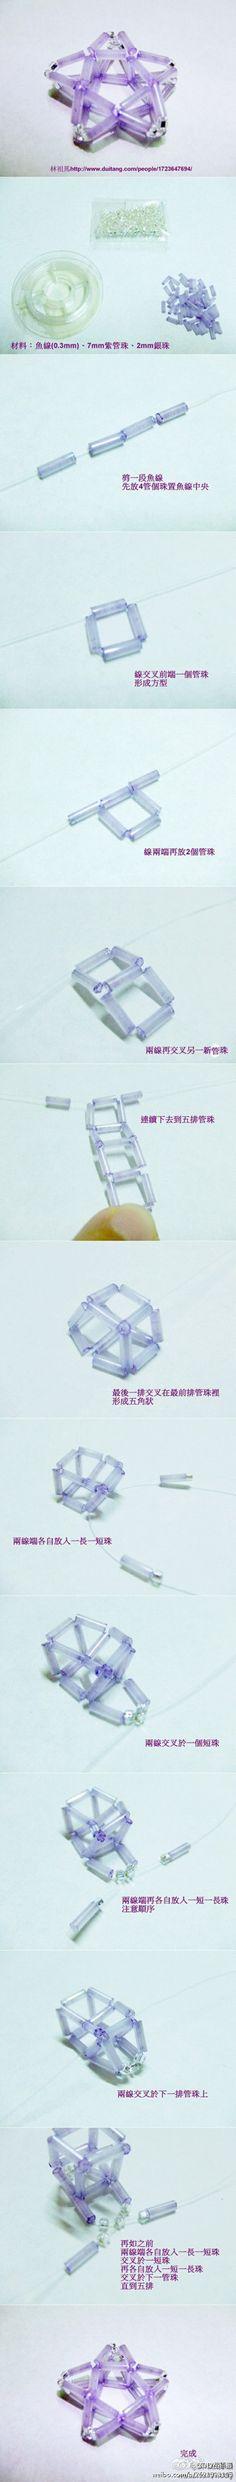 DIY Star Shape Beads